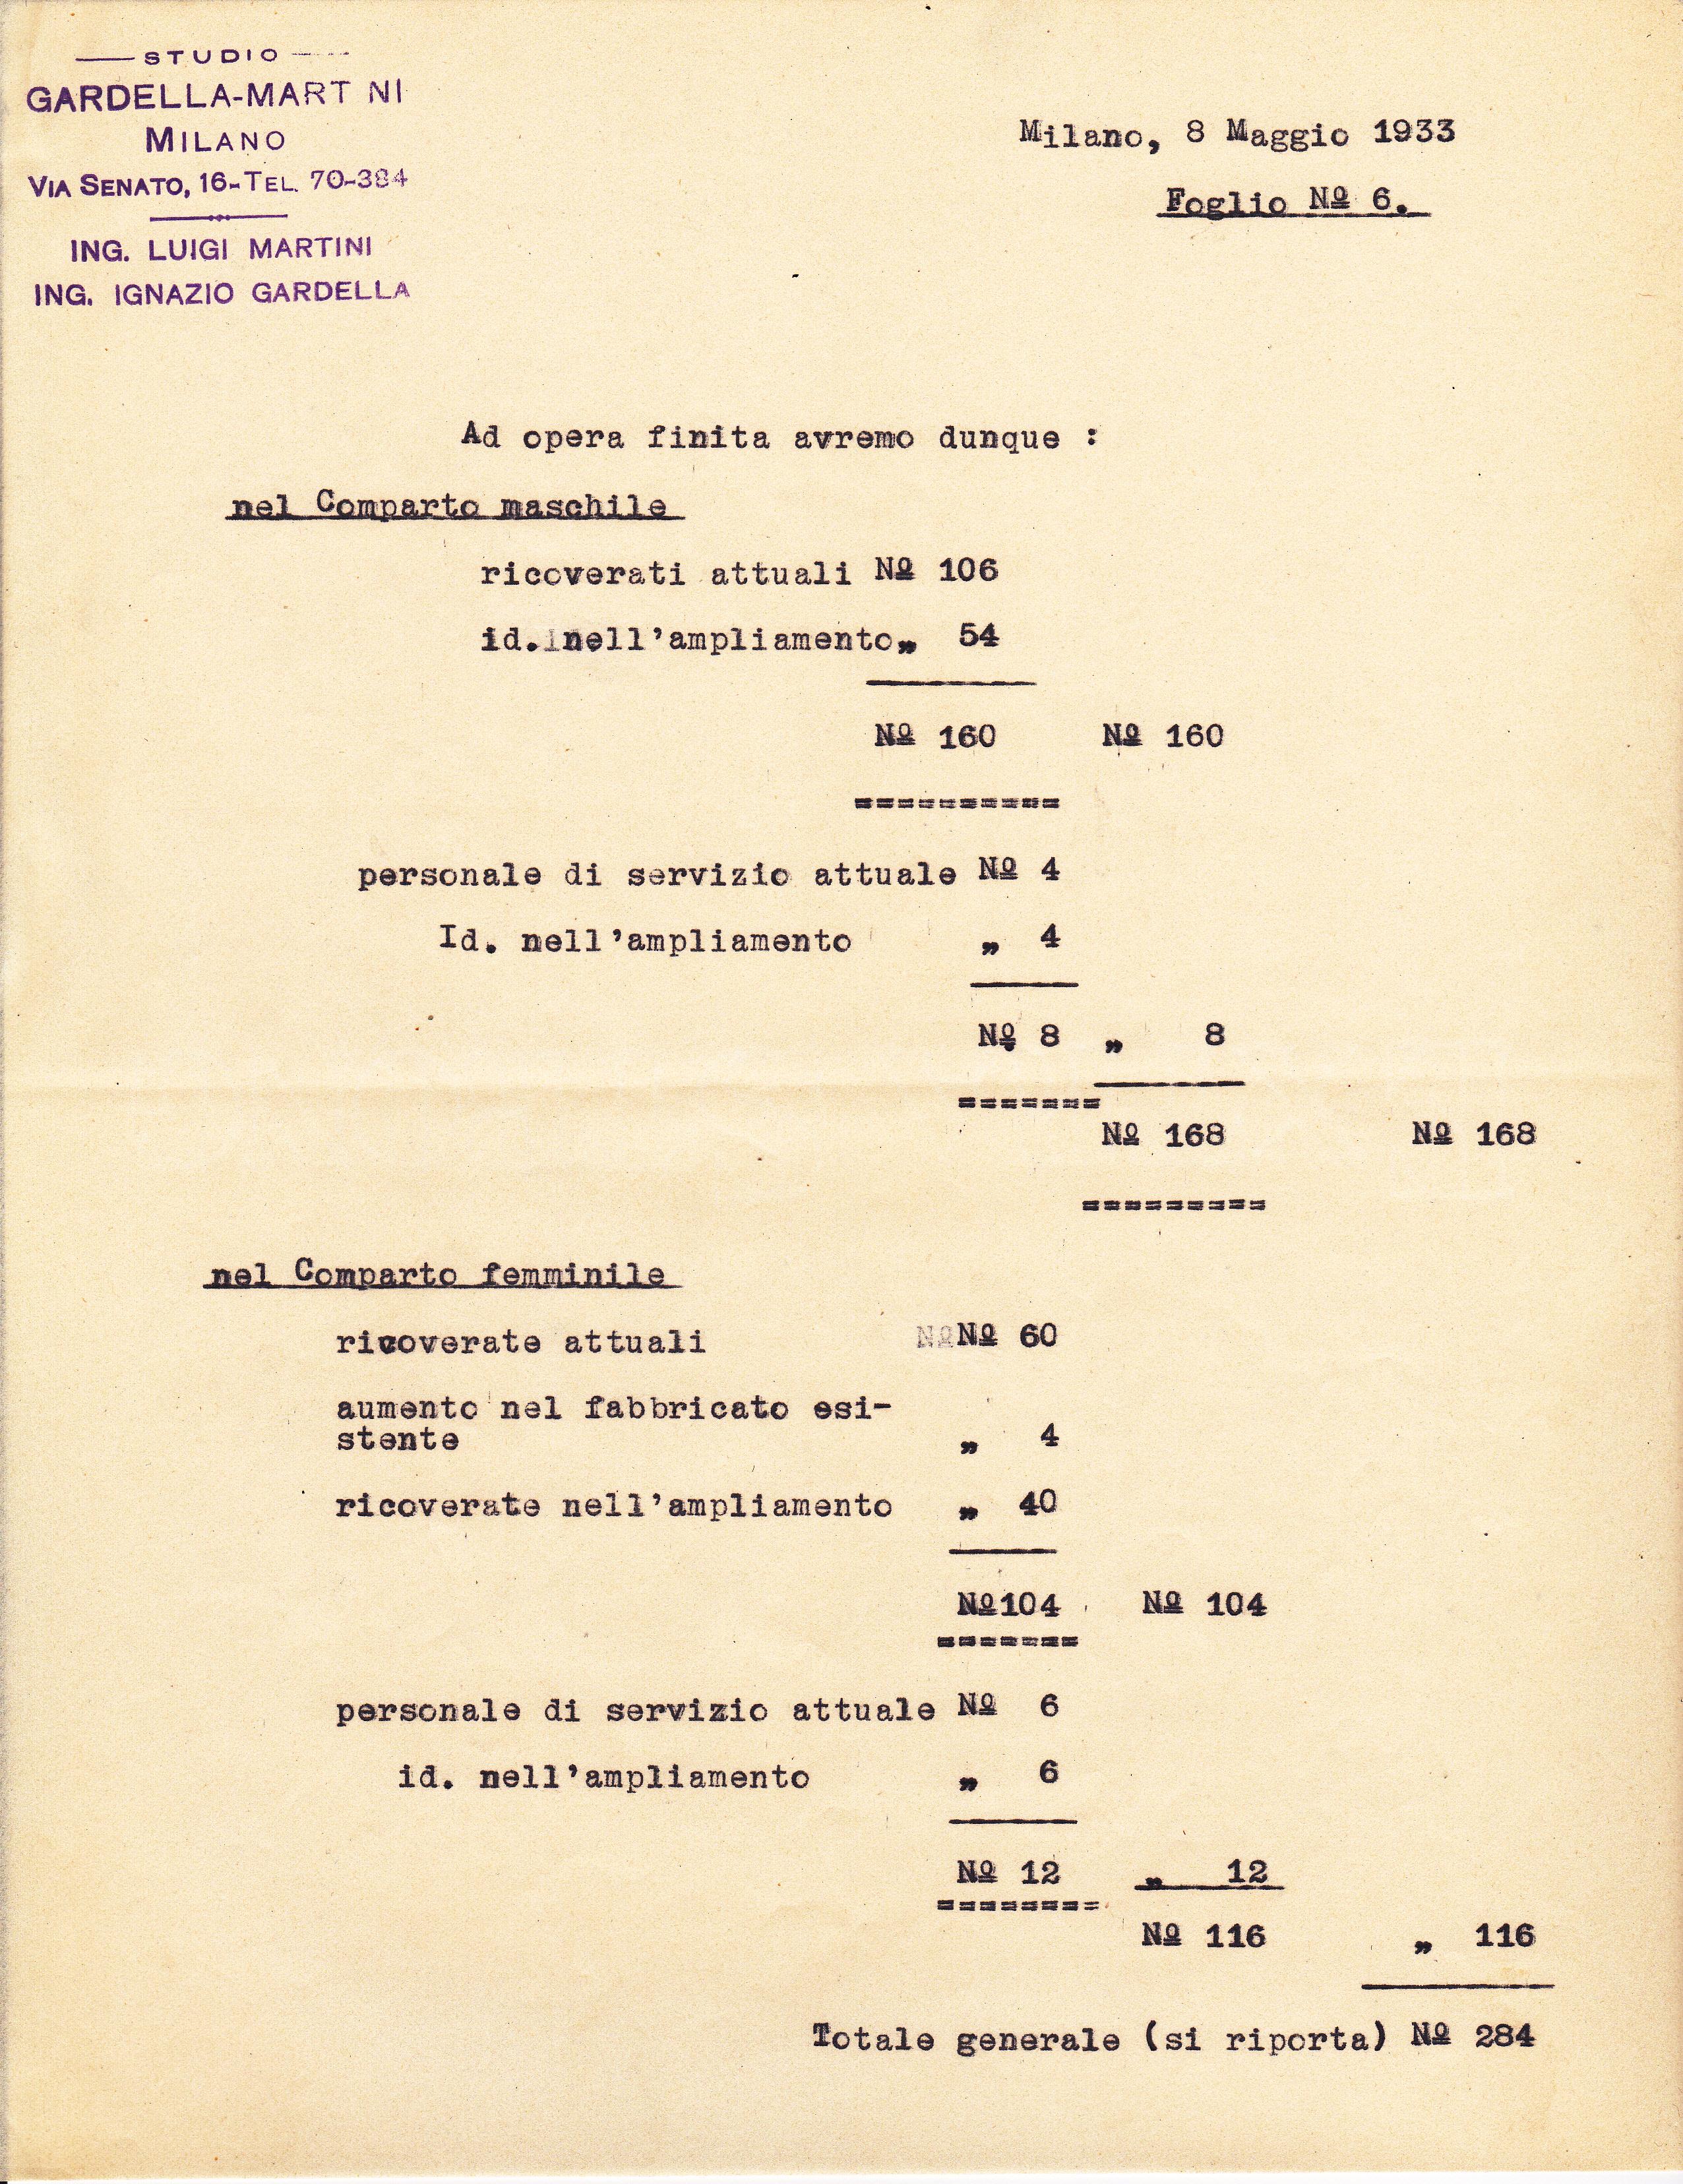 Corrispondenza tra Studio Gardella-Martini e Teresio Borsalino d34d1d390935